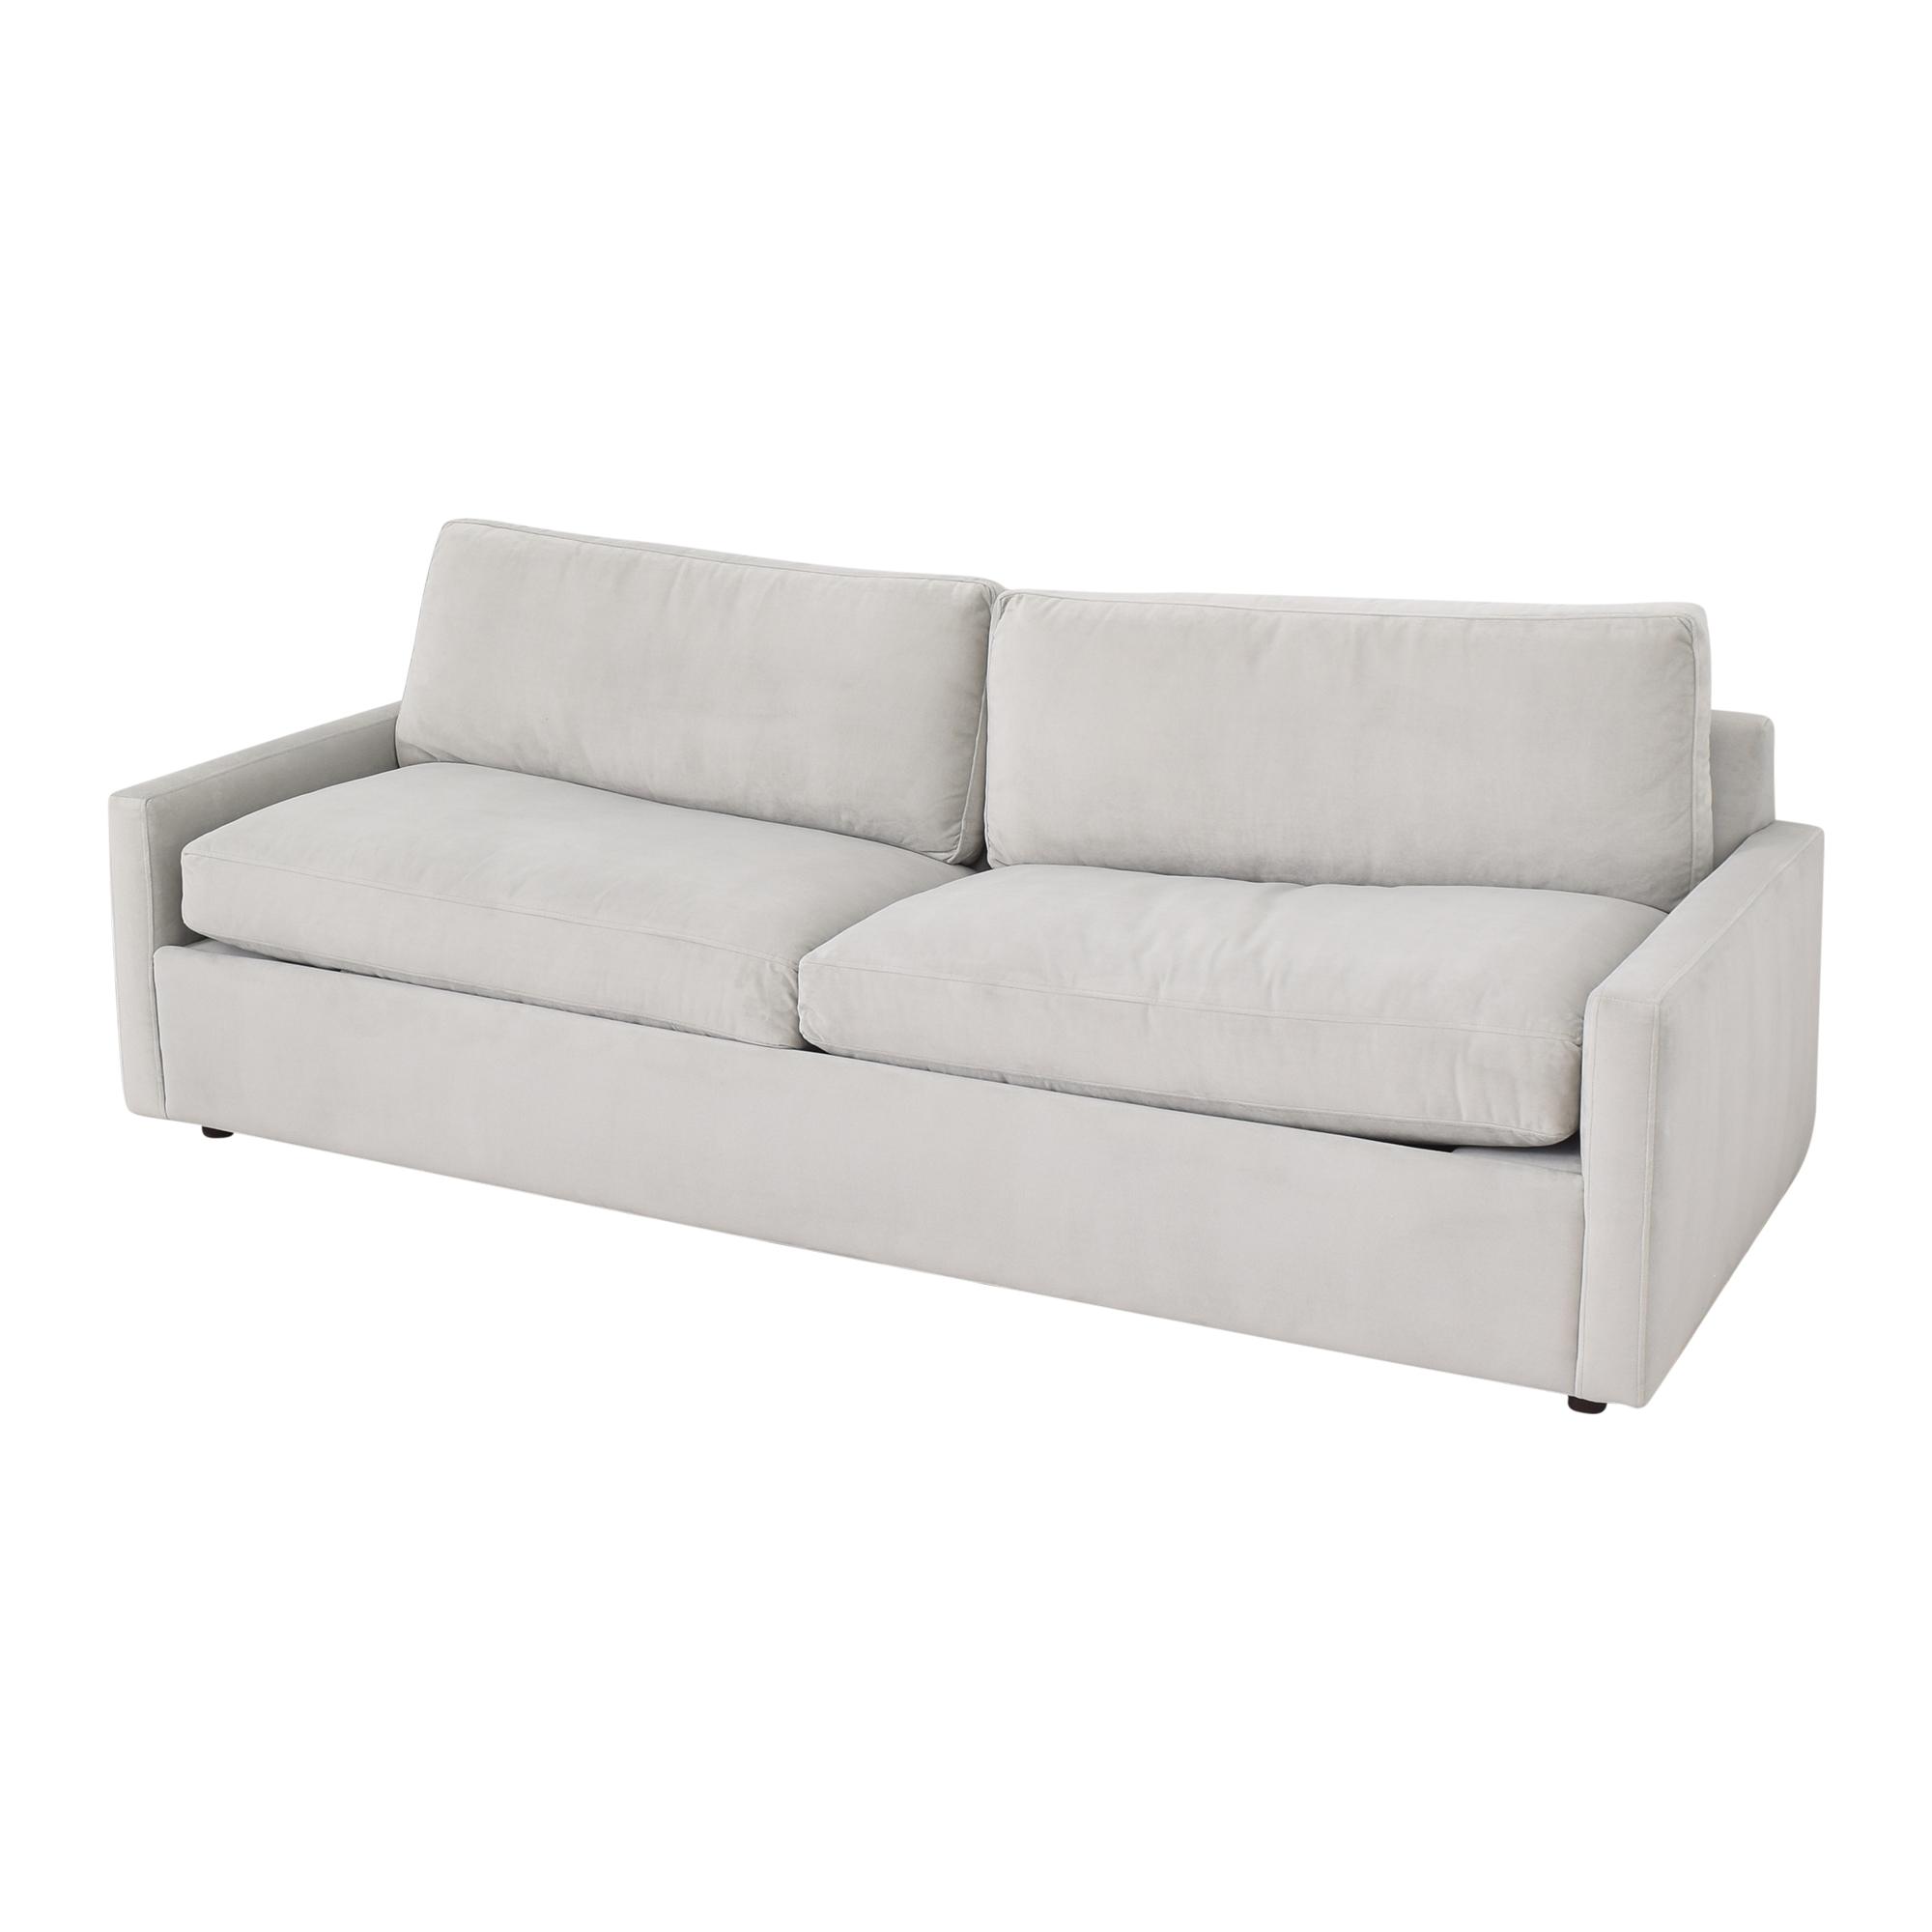 Room & Board Room & Board Easton Queen Sleeper Sofa pa